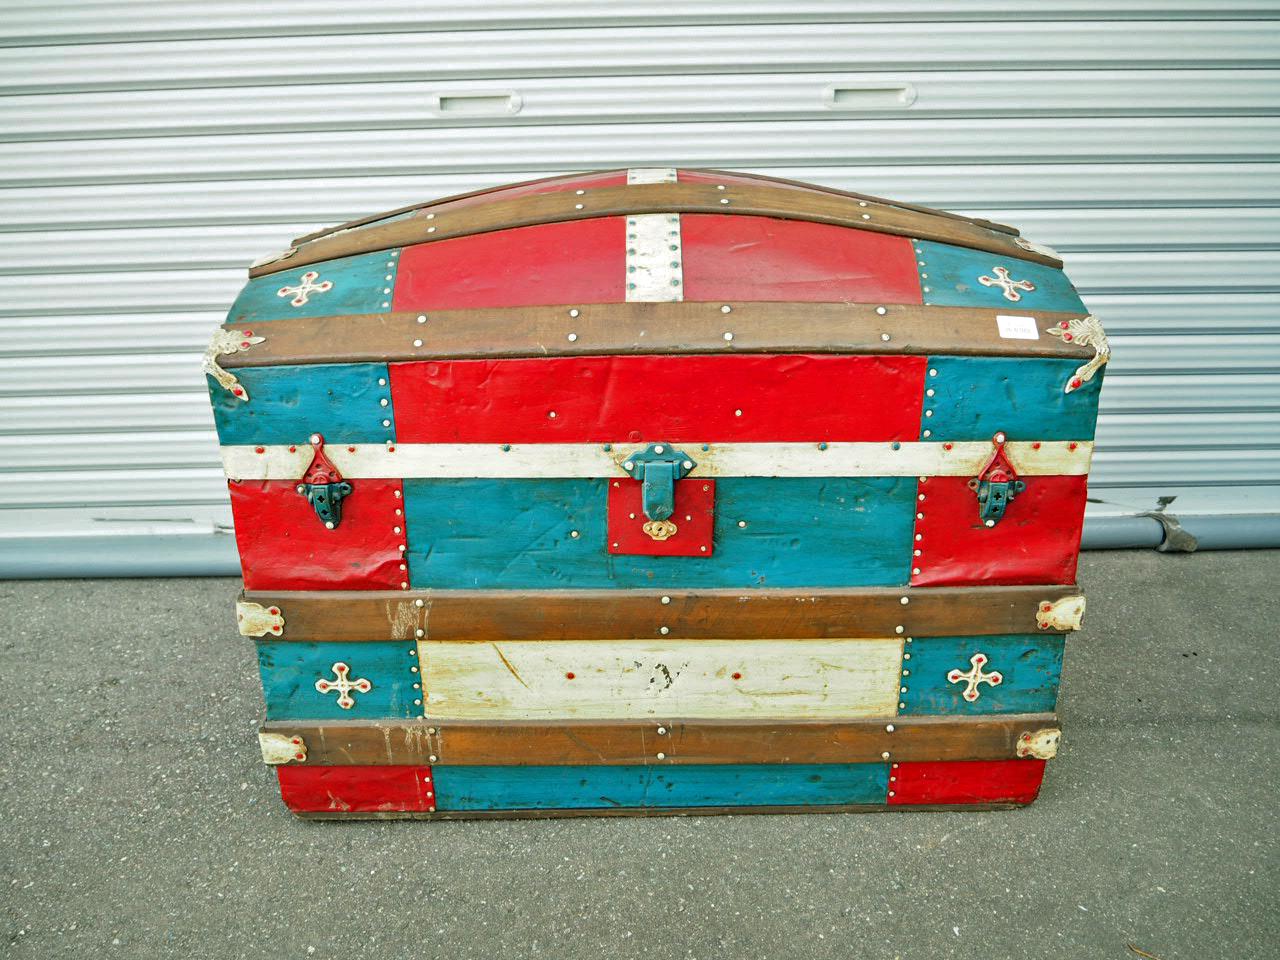 品番2442 トランクボックス 宝箱 船舶用 大型サイズ 木製 trunk box ヴィンテージ 011